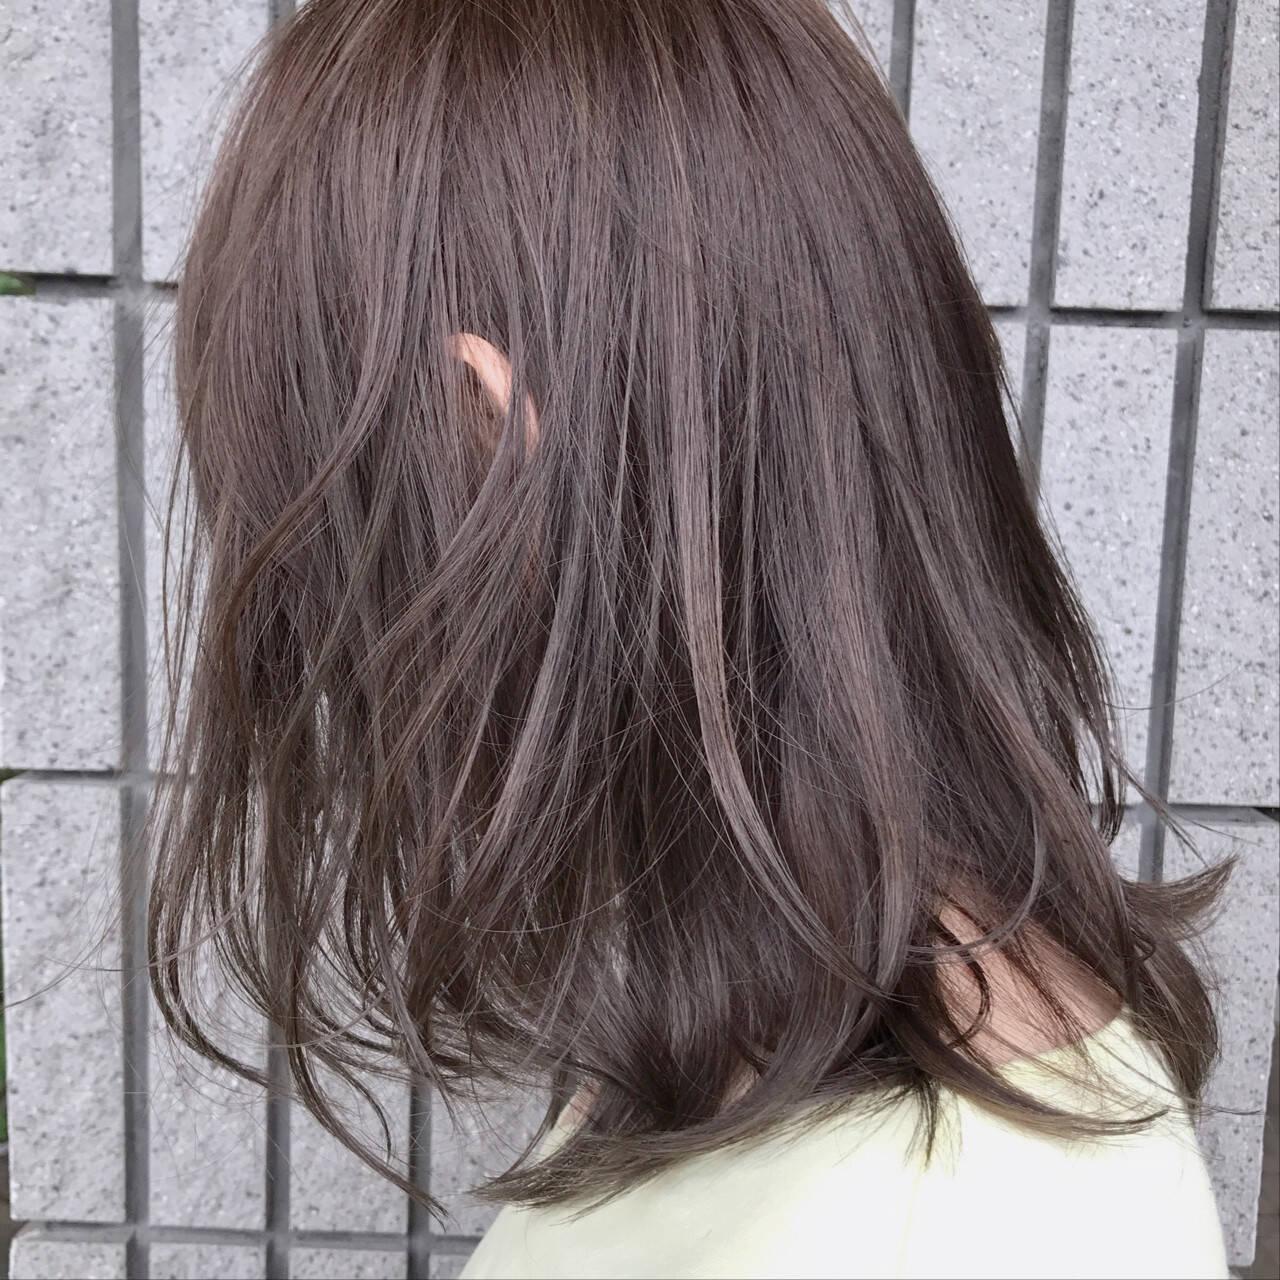 ミディアム ナチュラル バレイヤージュ 外国人風カラーヘアスタイルや髪型の写真・画像